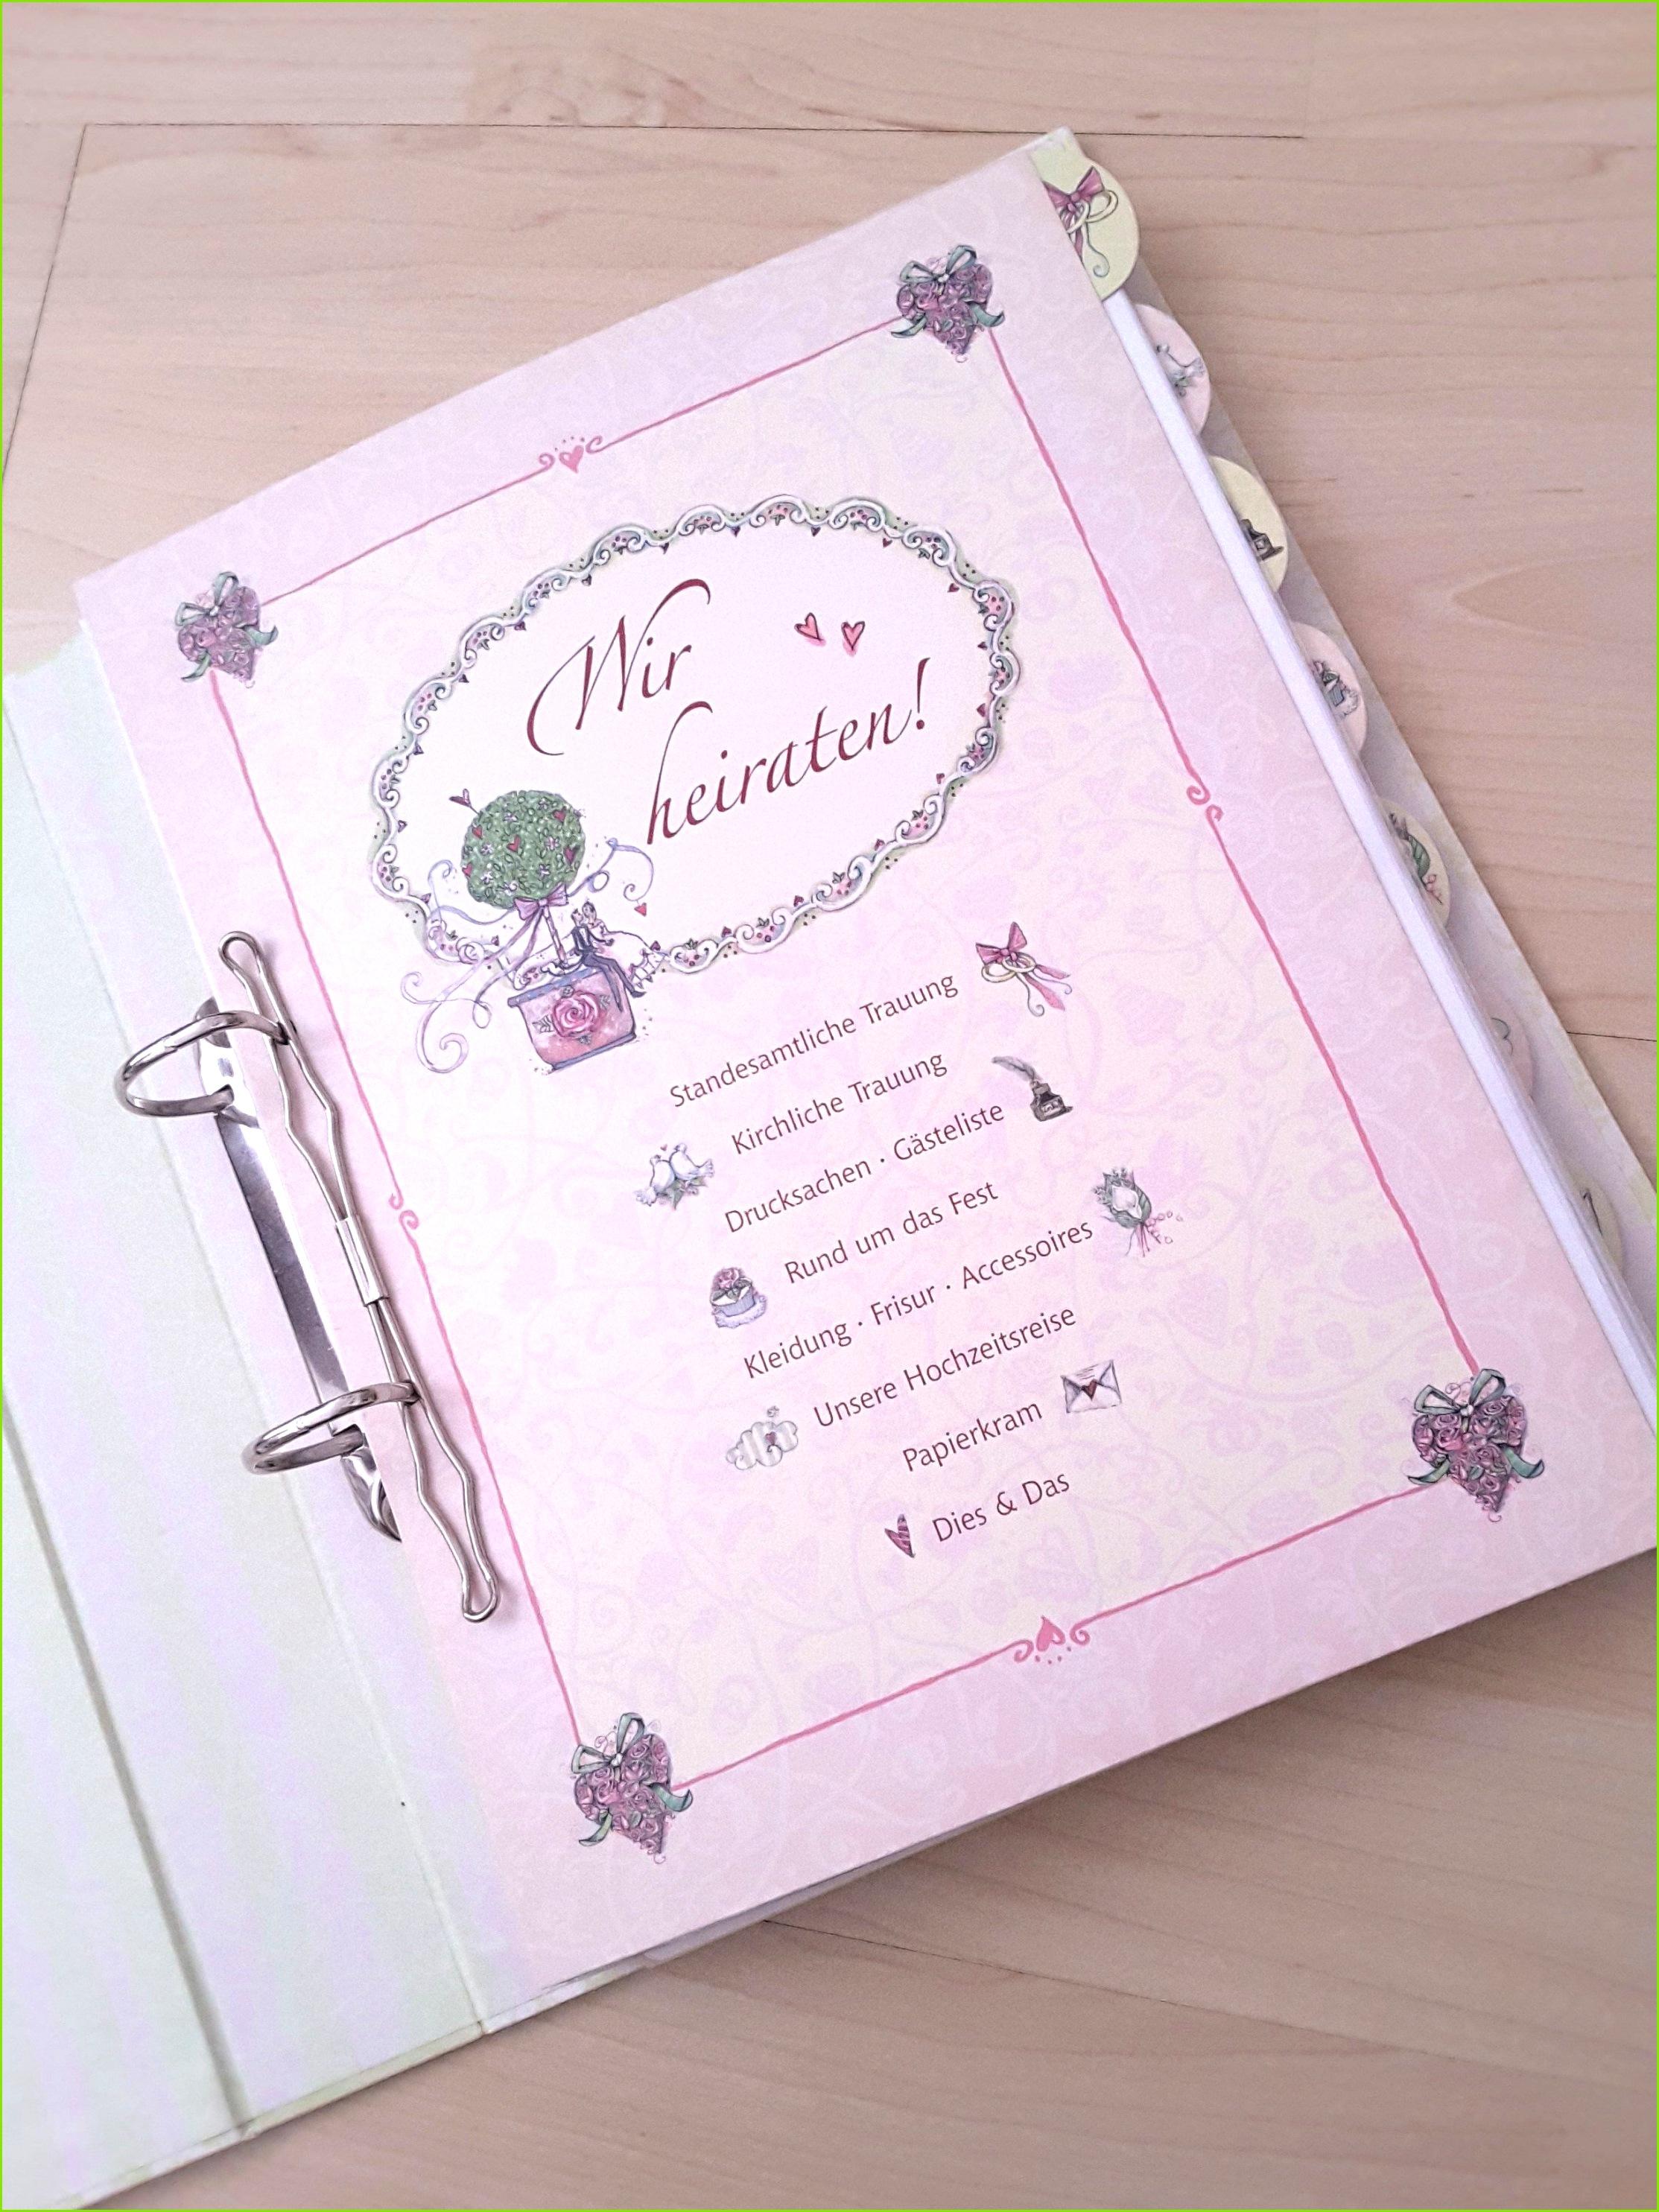 80 Einladungskarten Vorlagen Geburtstag Einladungskarte Hochzeit Gestalten Sammlungen Media Image 0d 59 82